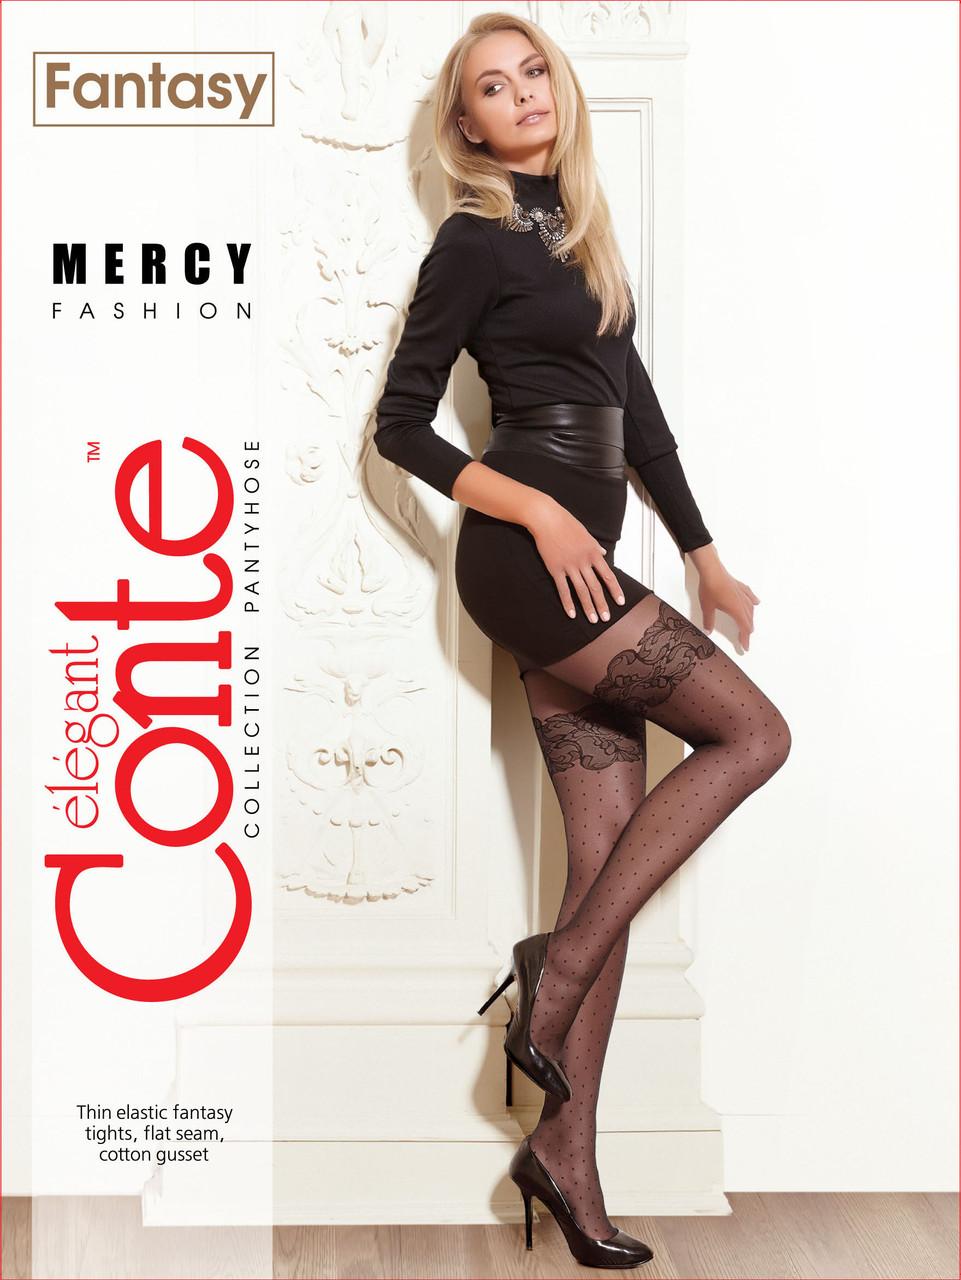 Жіночі колготки білі Conte fantasy mercy в горошок з імітацією ажурних панчіх 20 den